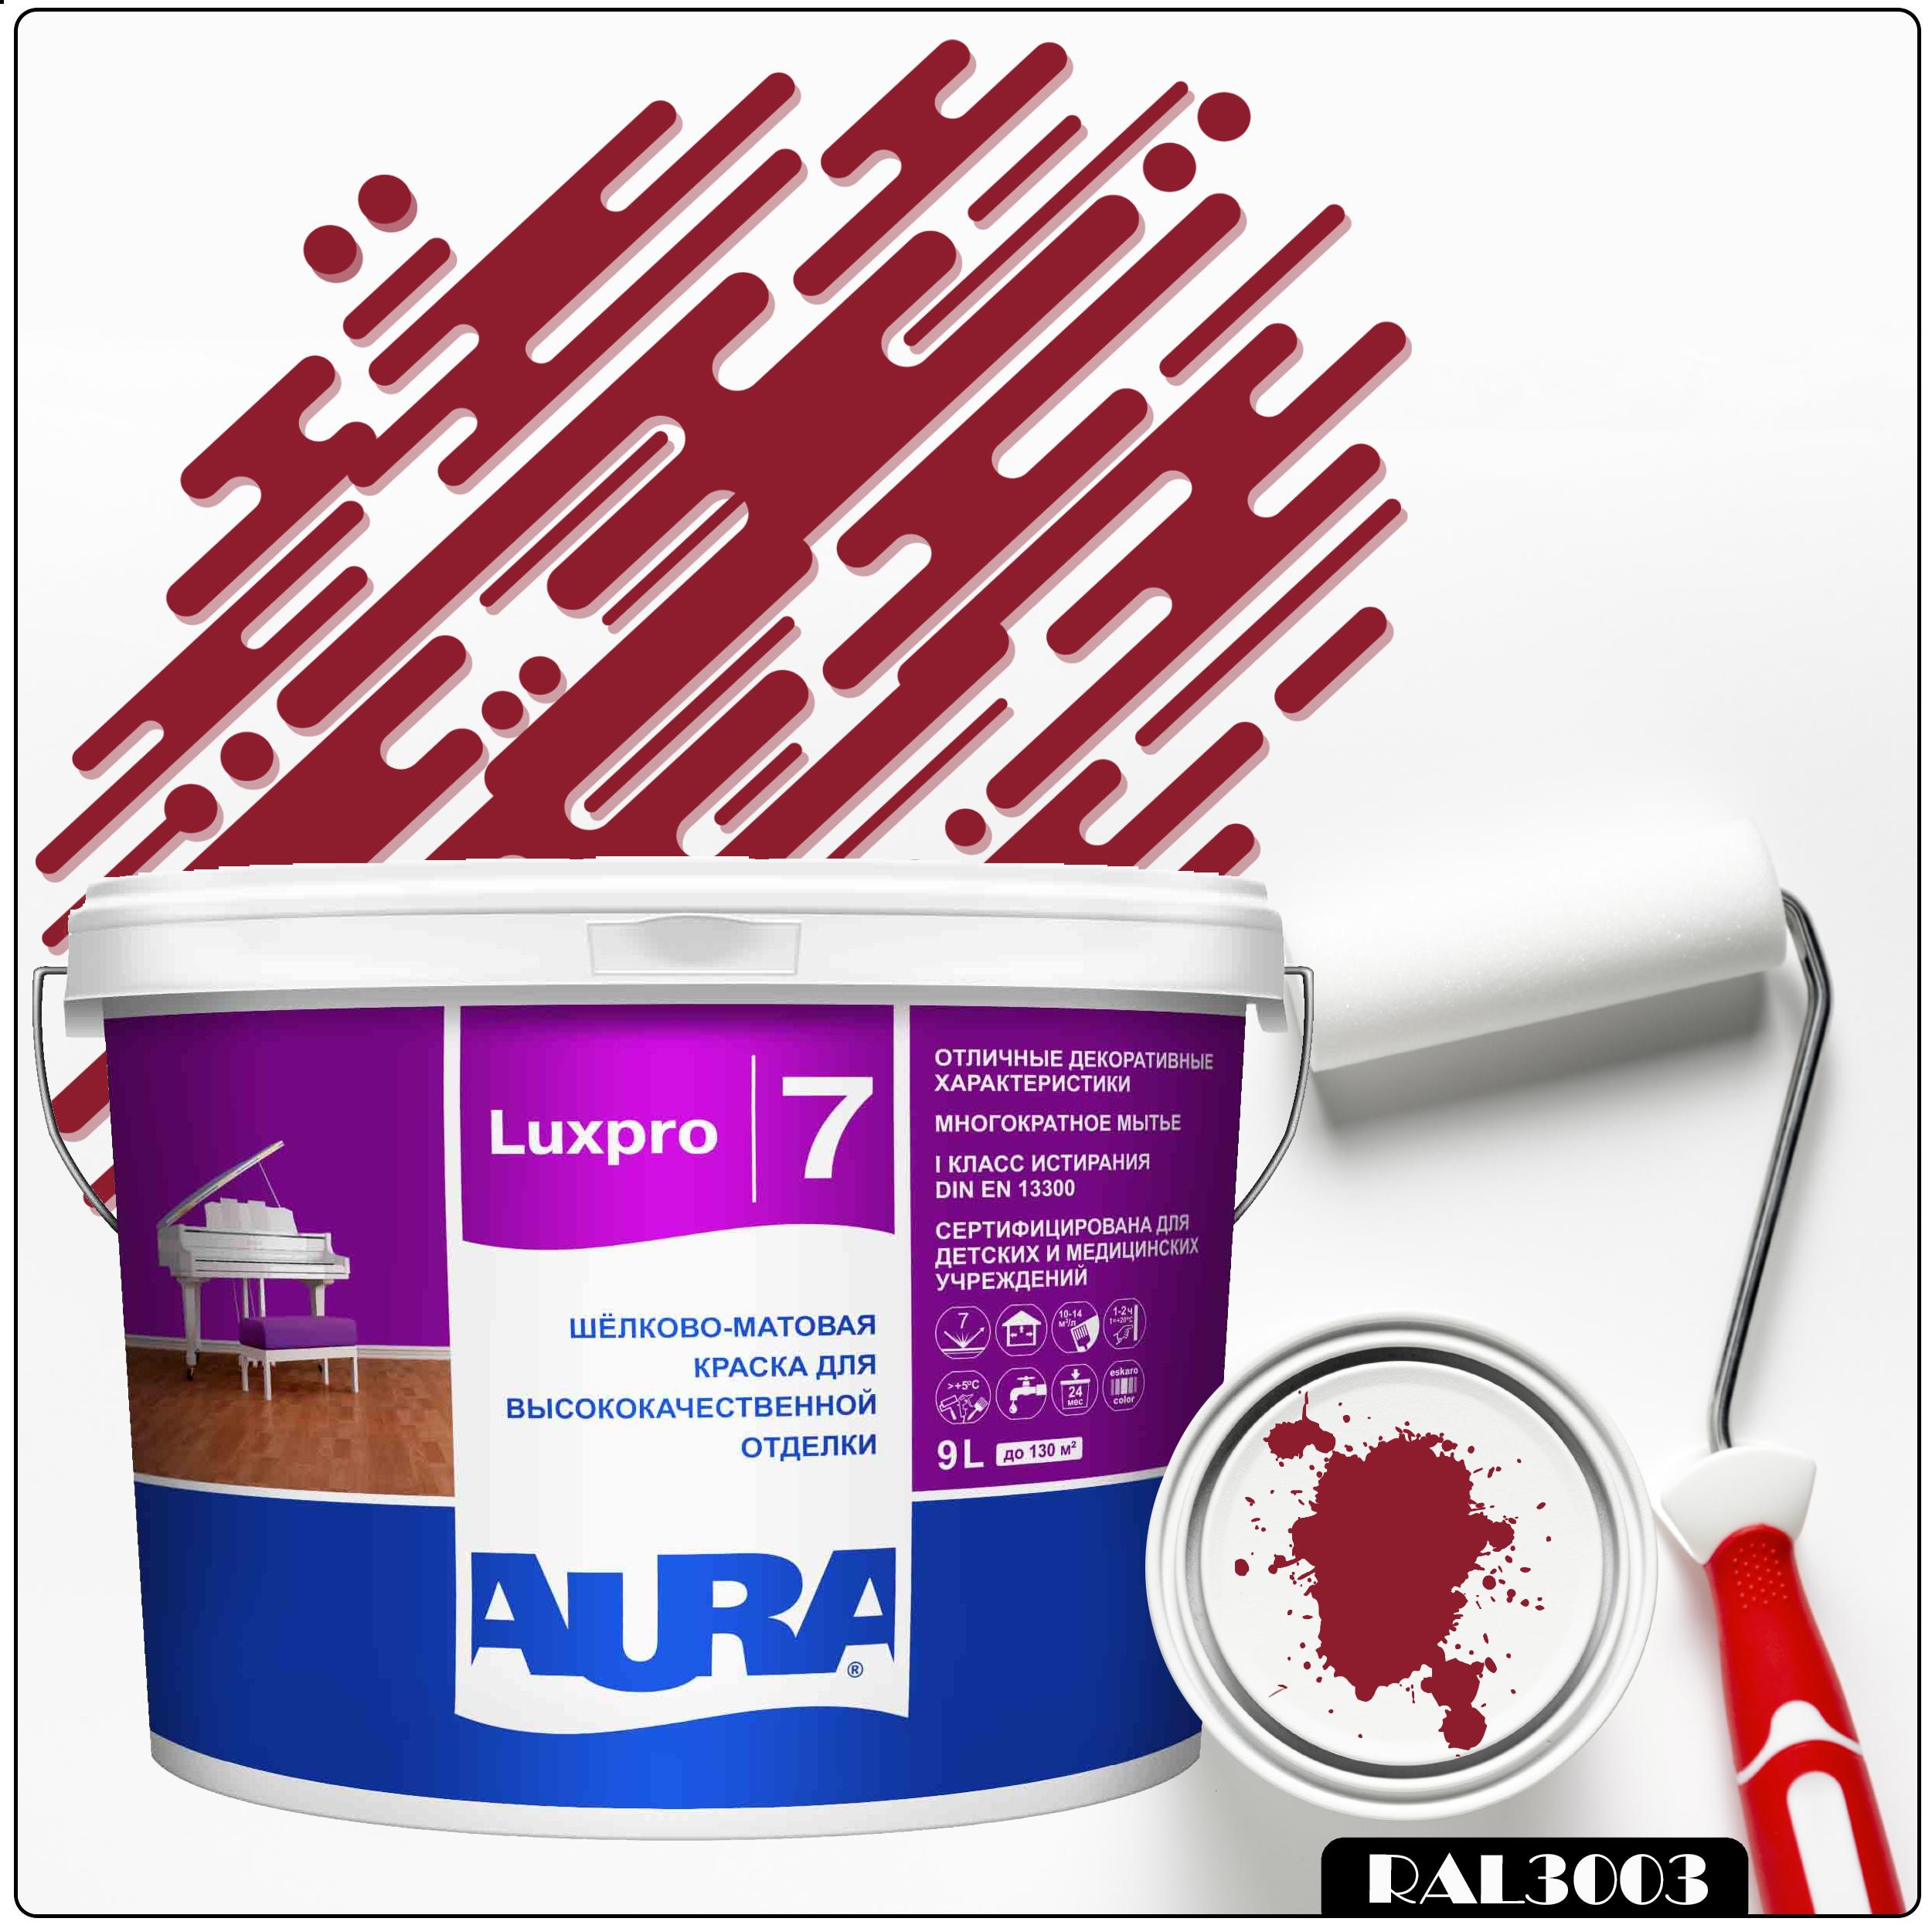 Фото 4 - Краска Aura LuxPRO 7, RAL 3003 Рубиново-красный, латексная, шелково-матовая, интерьерная, 9л, Аура.